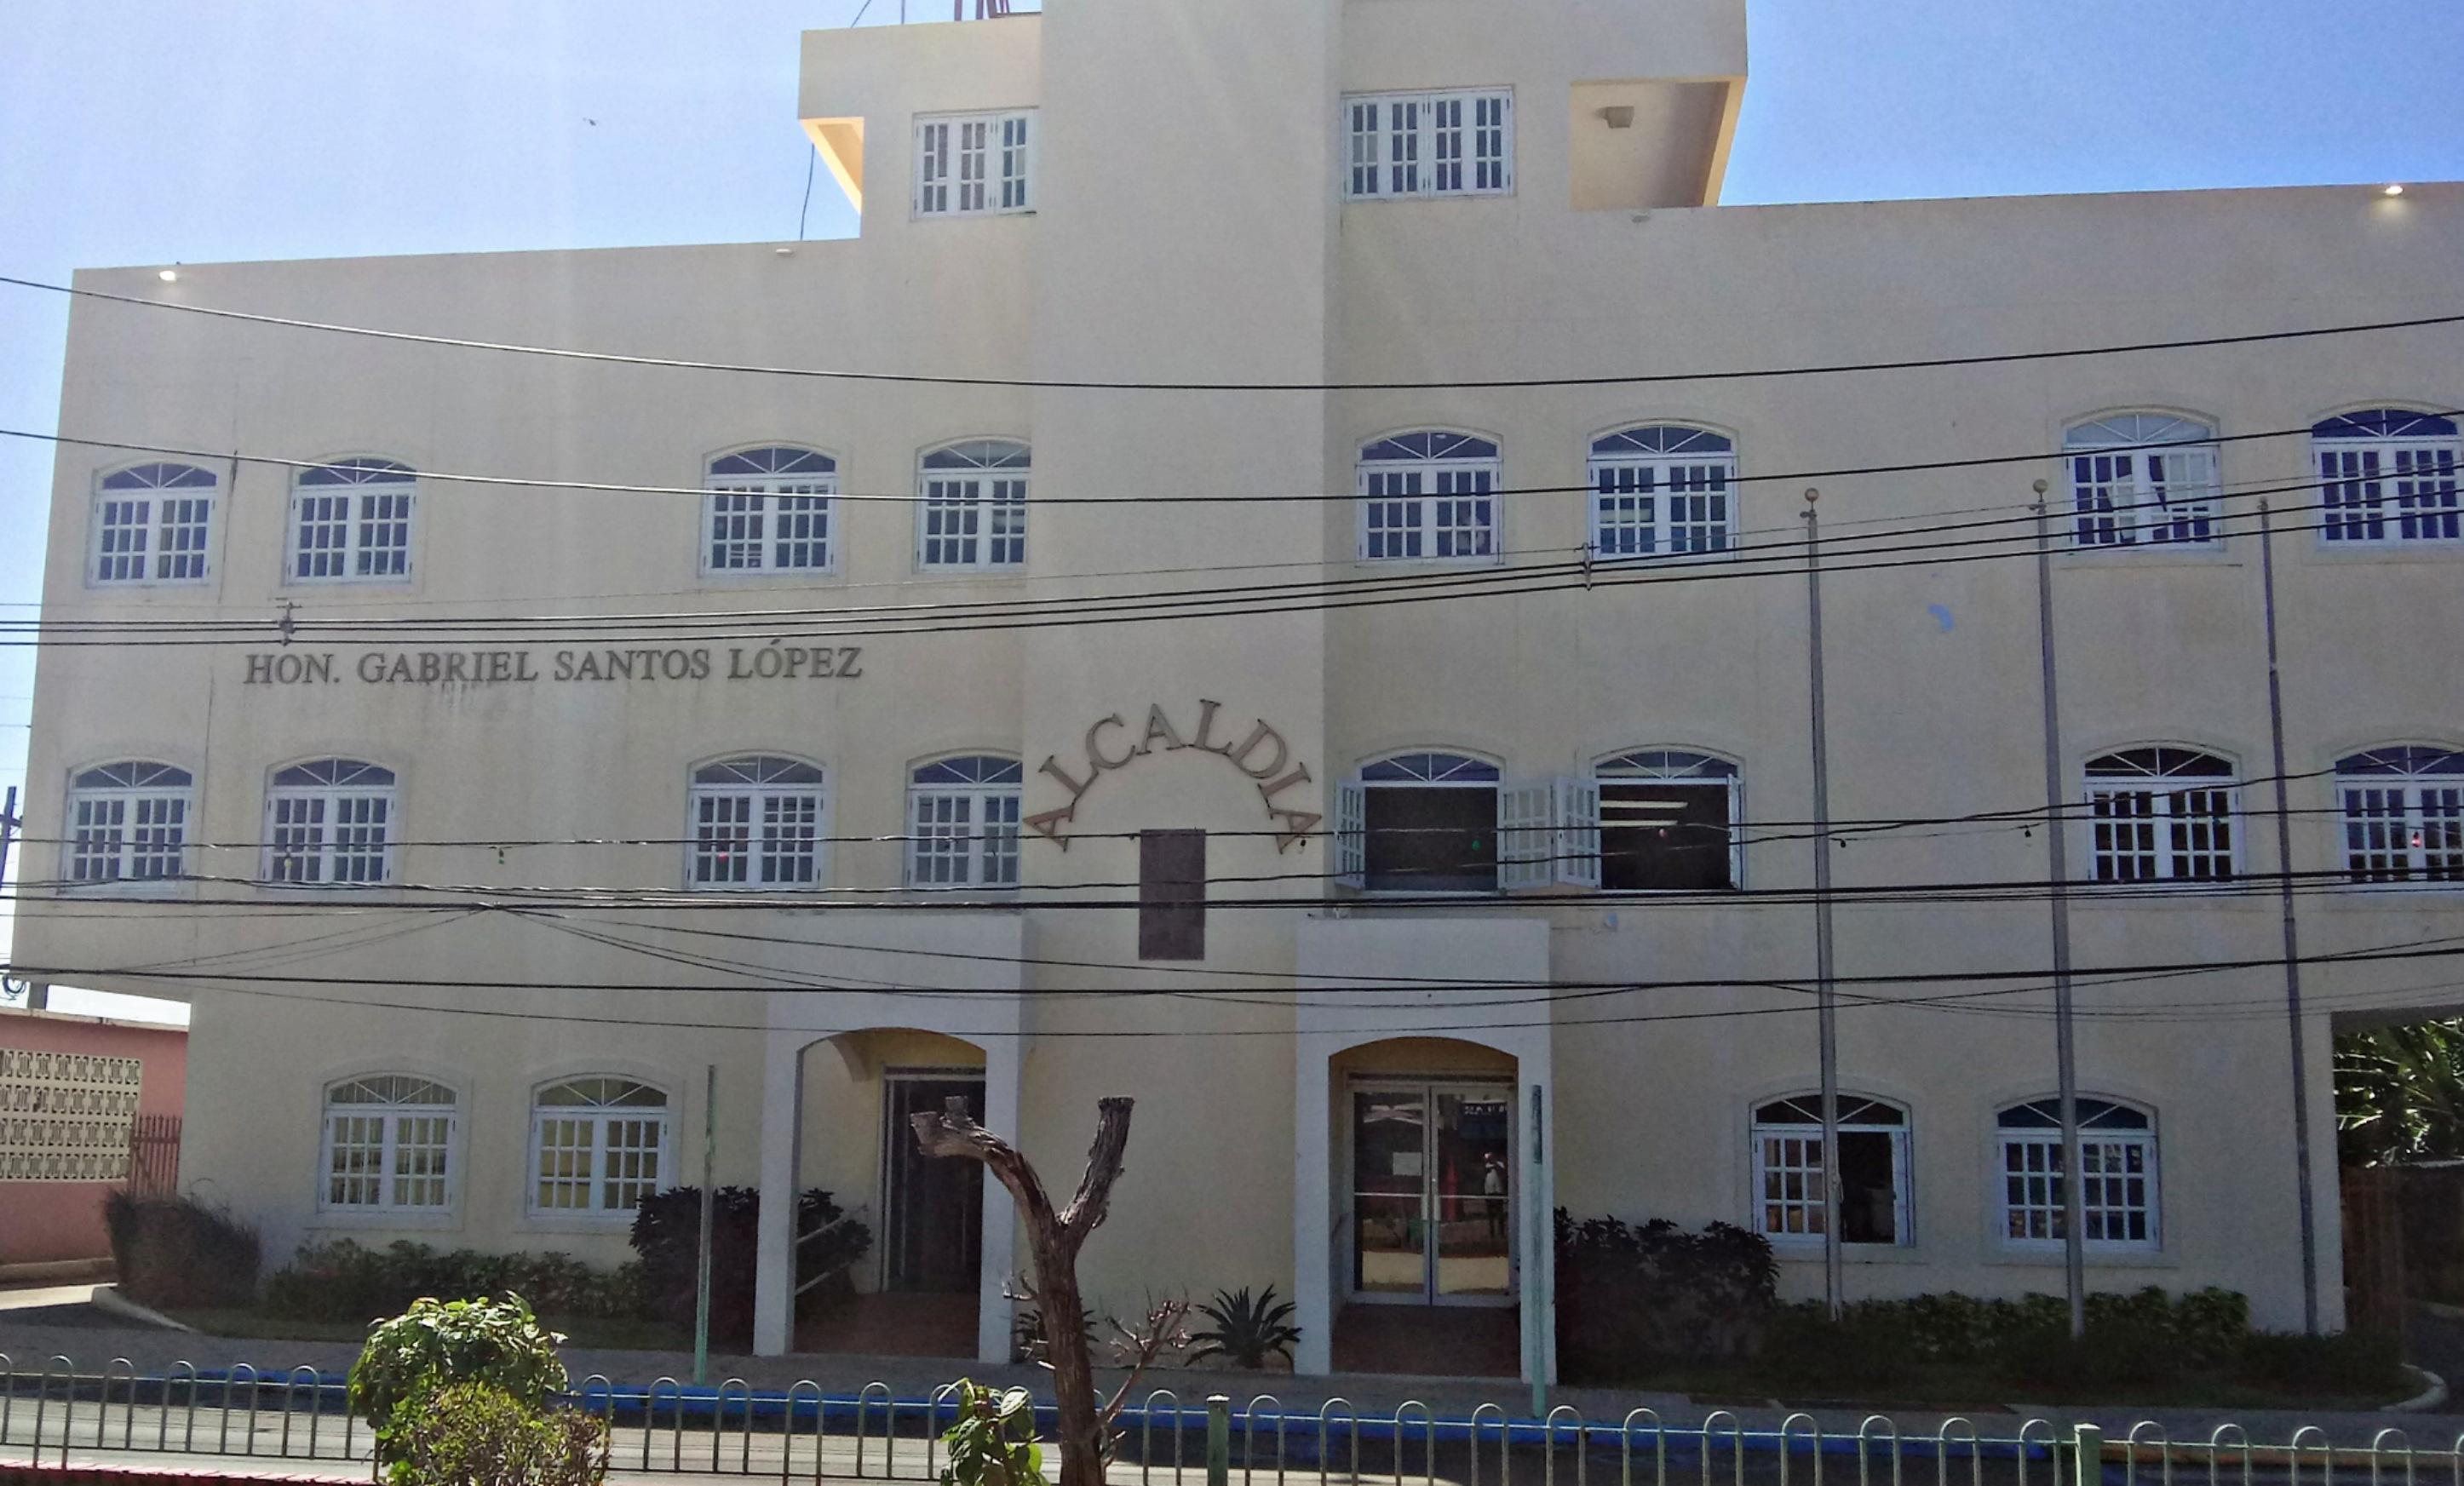 Alcald%C3%ADa de Lo%C3%ADza%2C en barrio pueblo Lo%C3%ADza%2C Puerto Rico - Tempat Wisata di Argentina Pesonannya Manjakan Mata